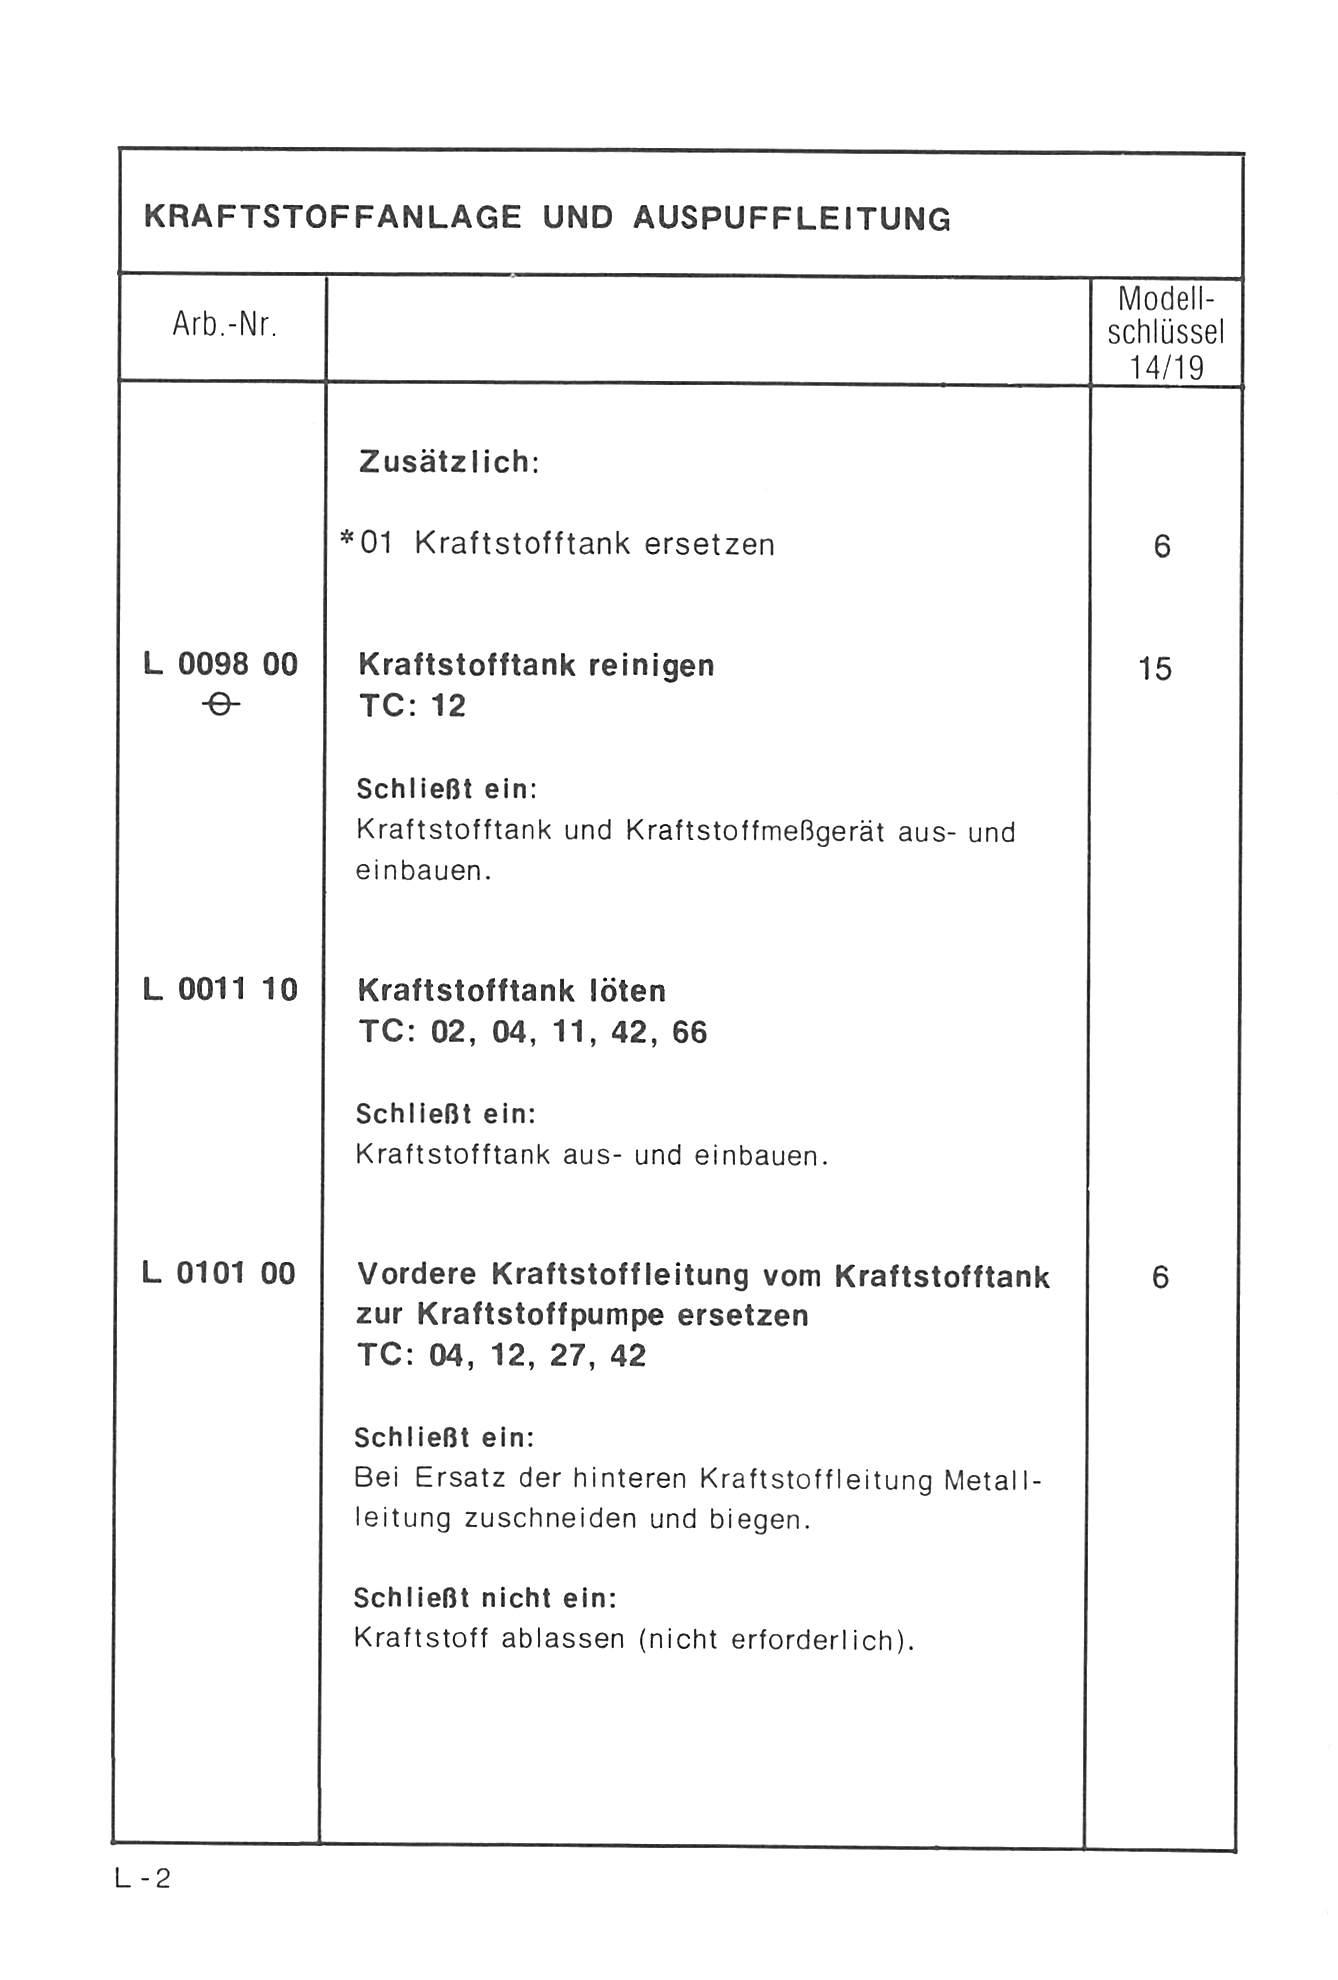 Fantastisch 12 Volt Spulenschaltplan Zeitgenössisch - Schaltplan ...